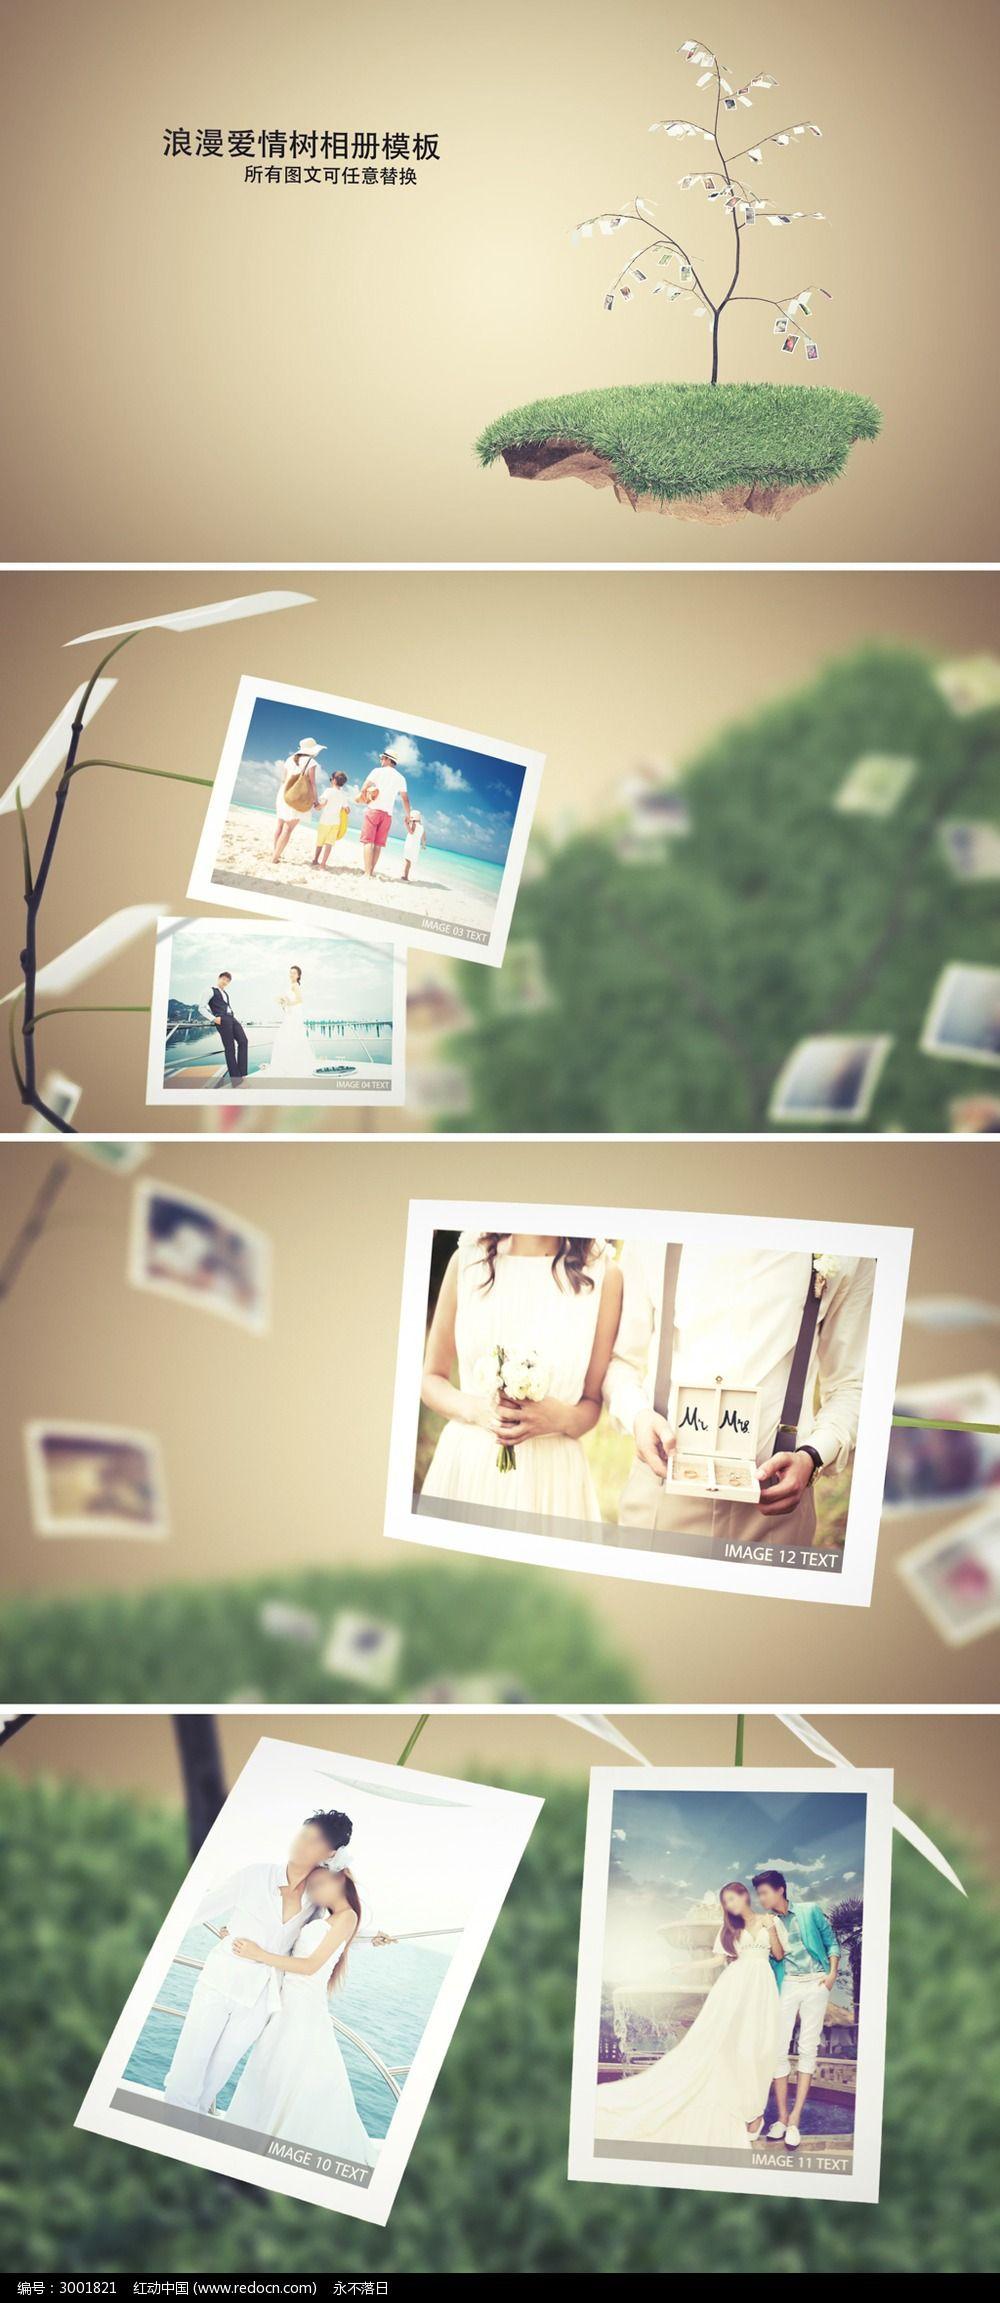 浪漫婚礼家庭电子相册模板图片